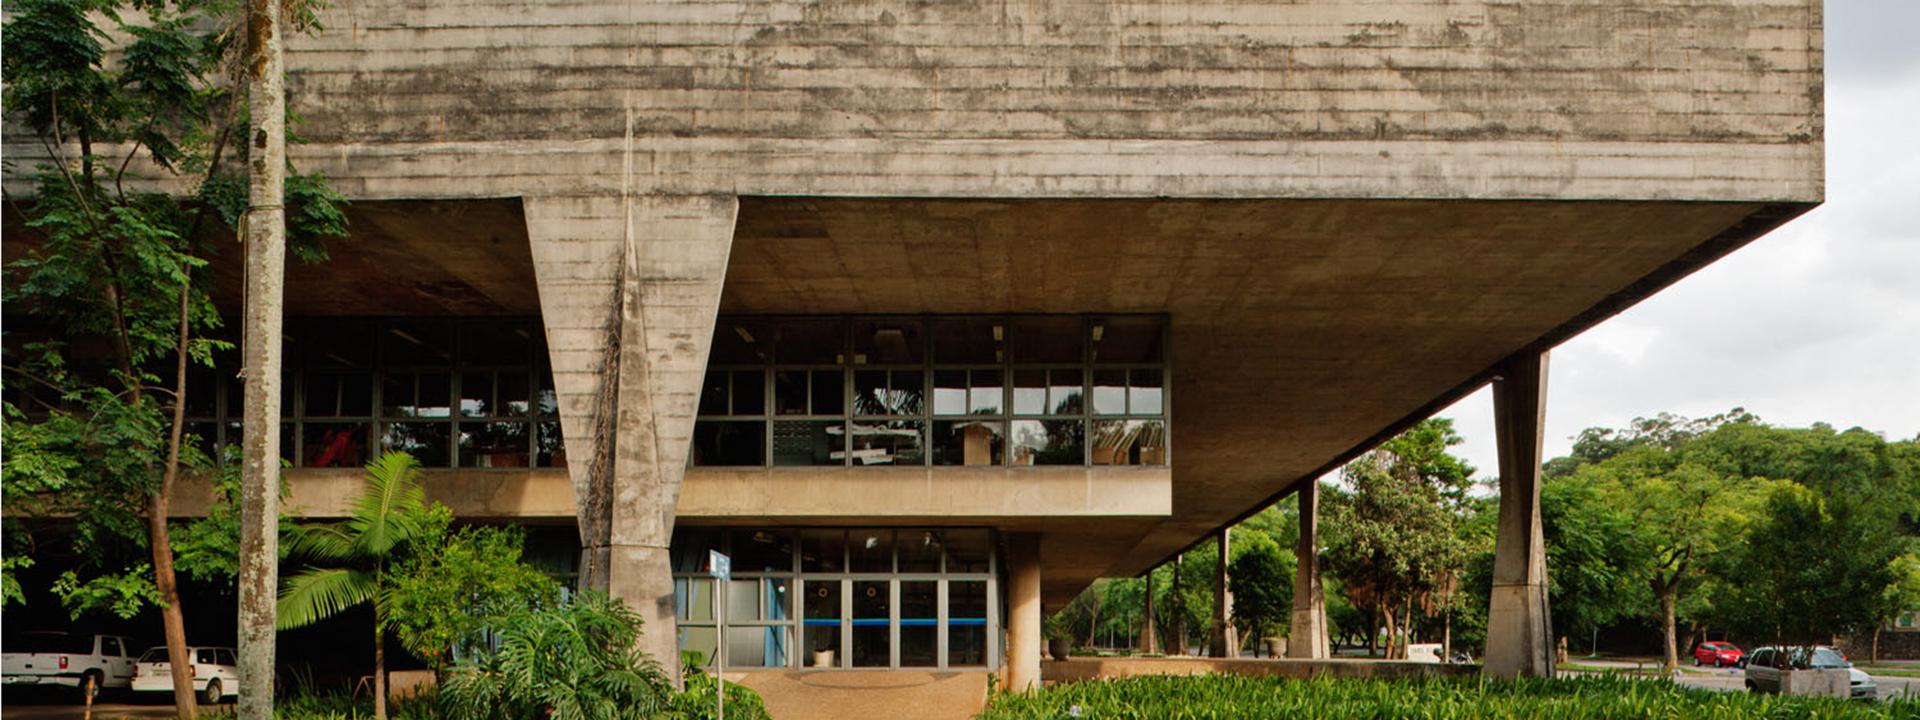 Facultad de Arquitectura y Urbanismo Universidad de São Paulo